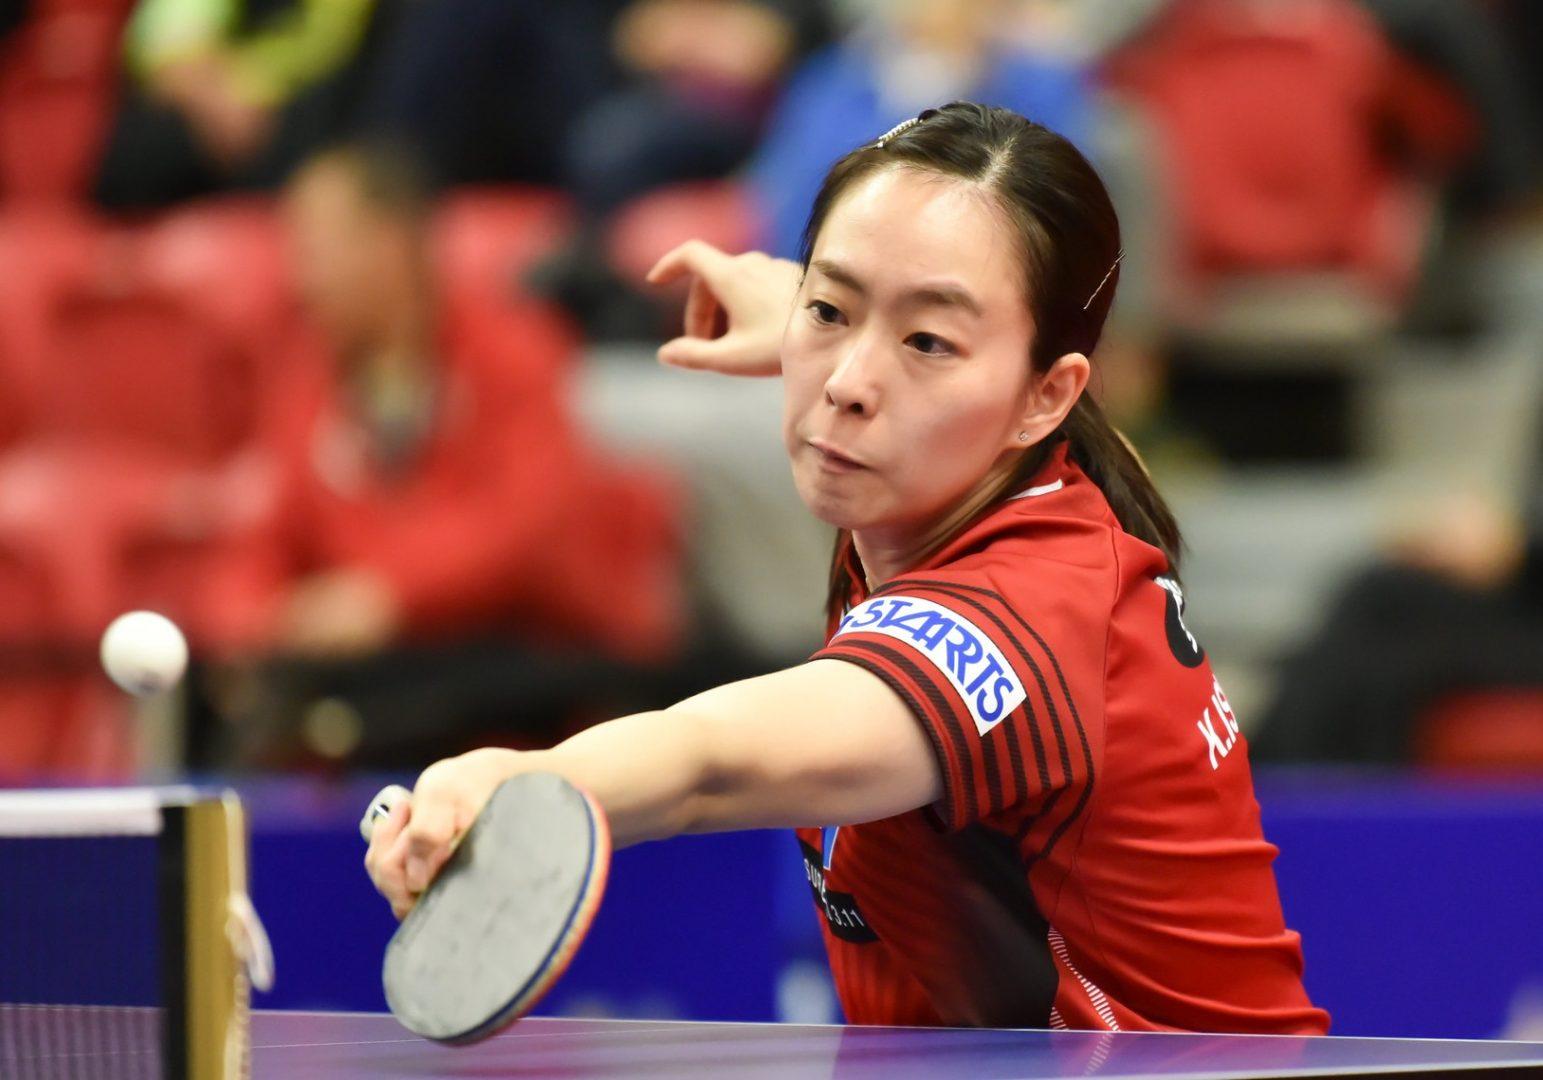 石川佳純がV 平野美宇との五輪代表争いに逆転<卓球・ノースアメリカンオープン>